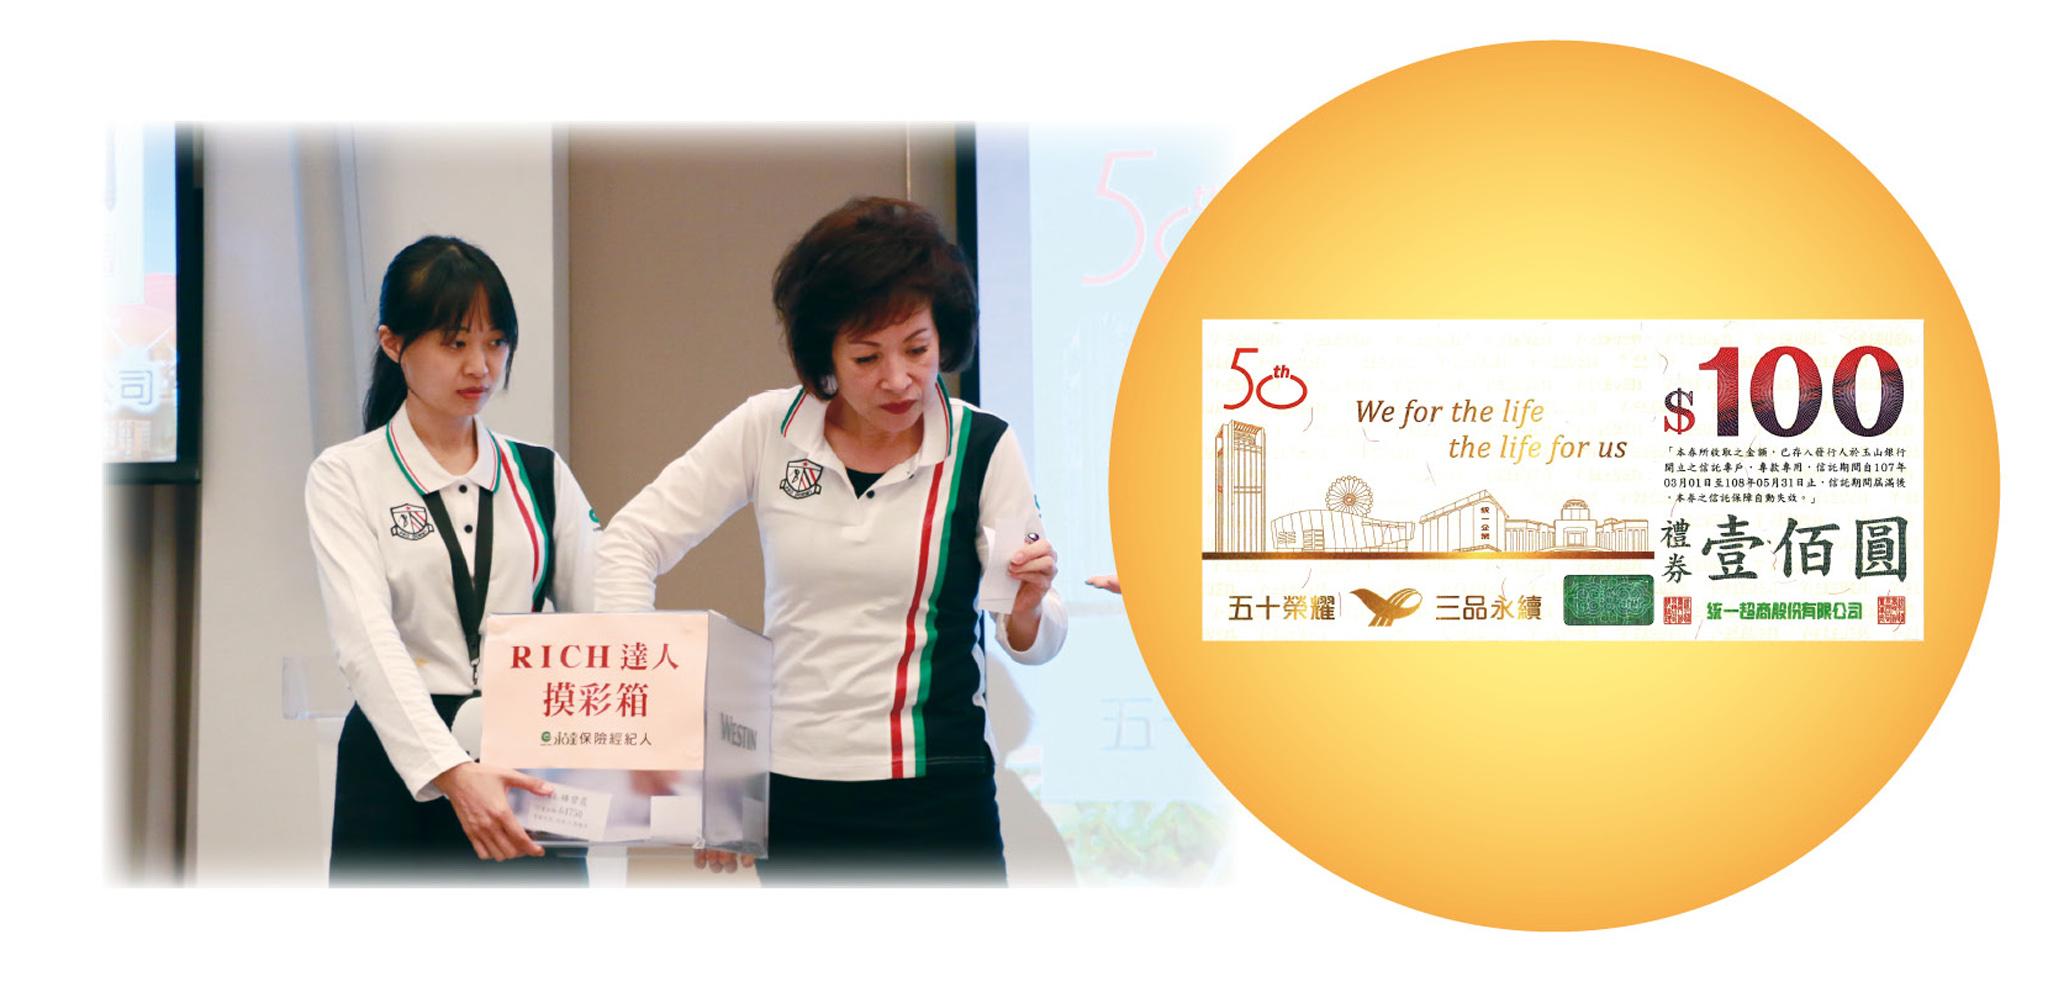 韓孫珍華業務副總抽出肆獎幸運得主。